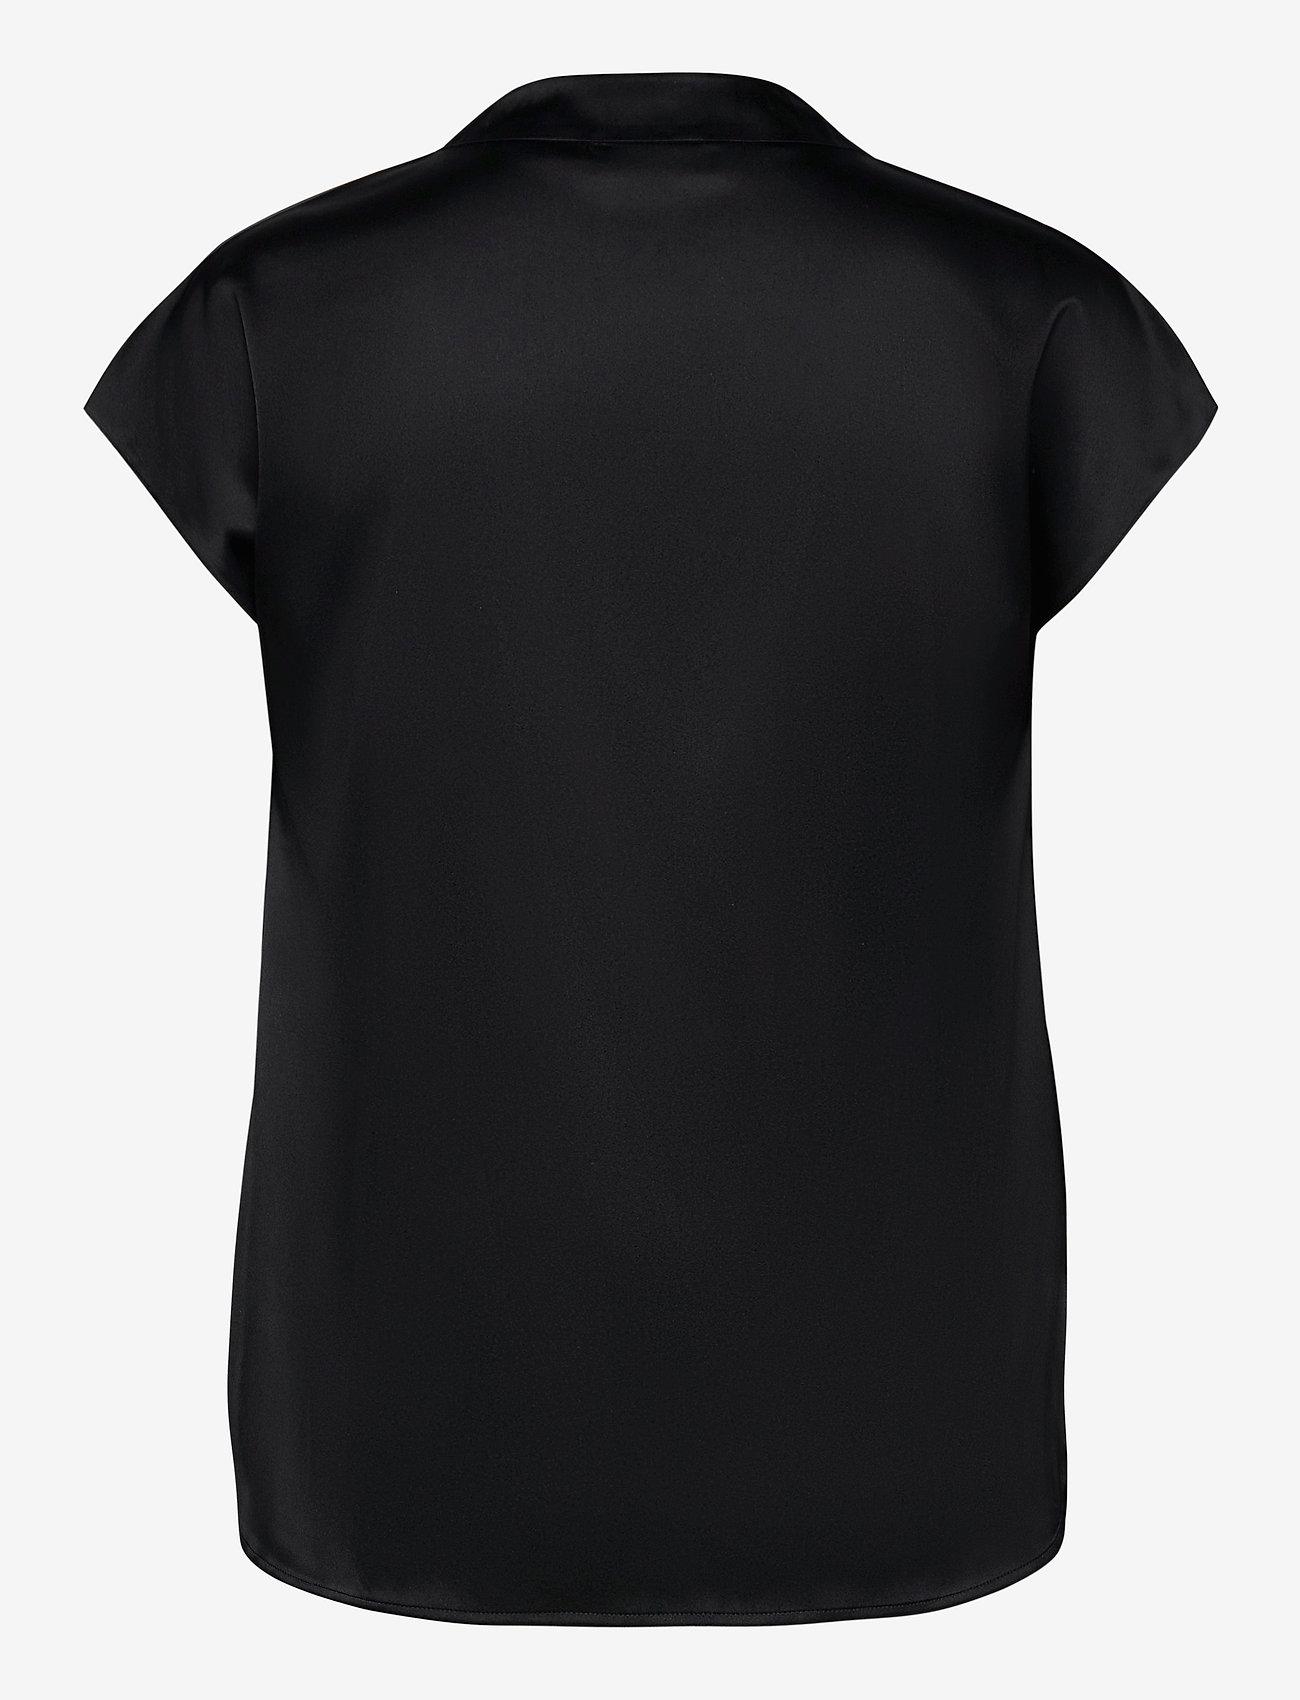 SAND - 3176 - Prosi Top S - blouses à manches courtes - black - 1